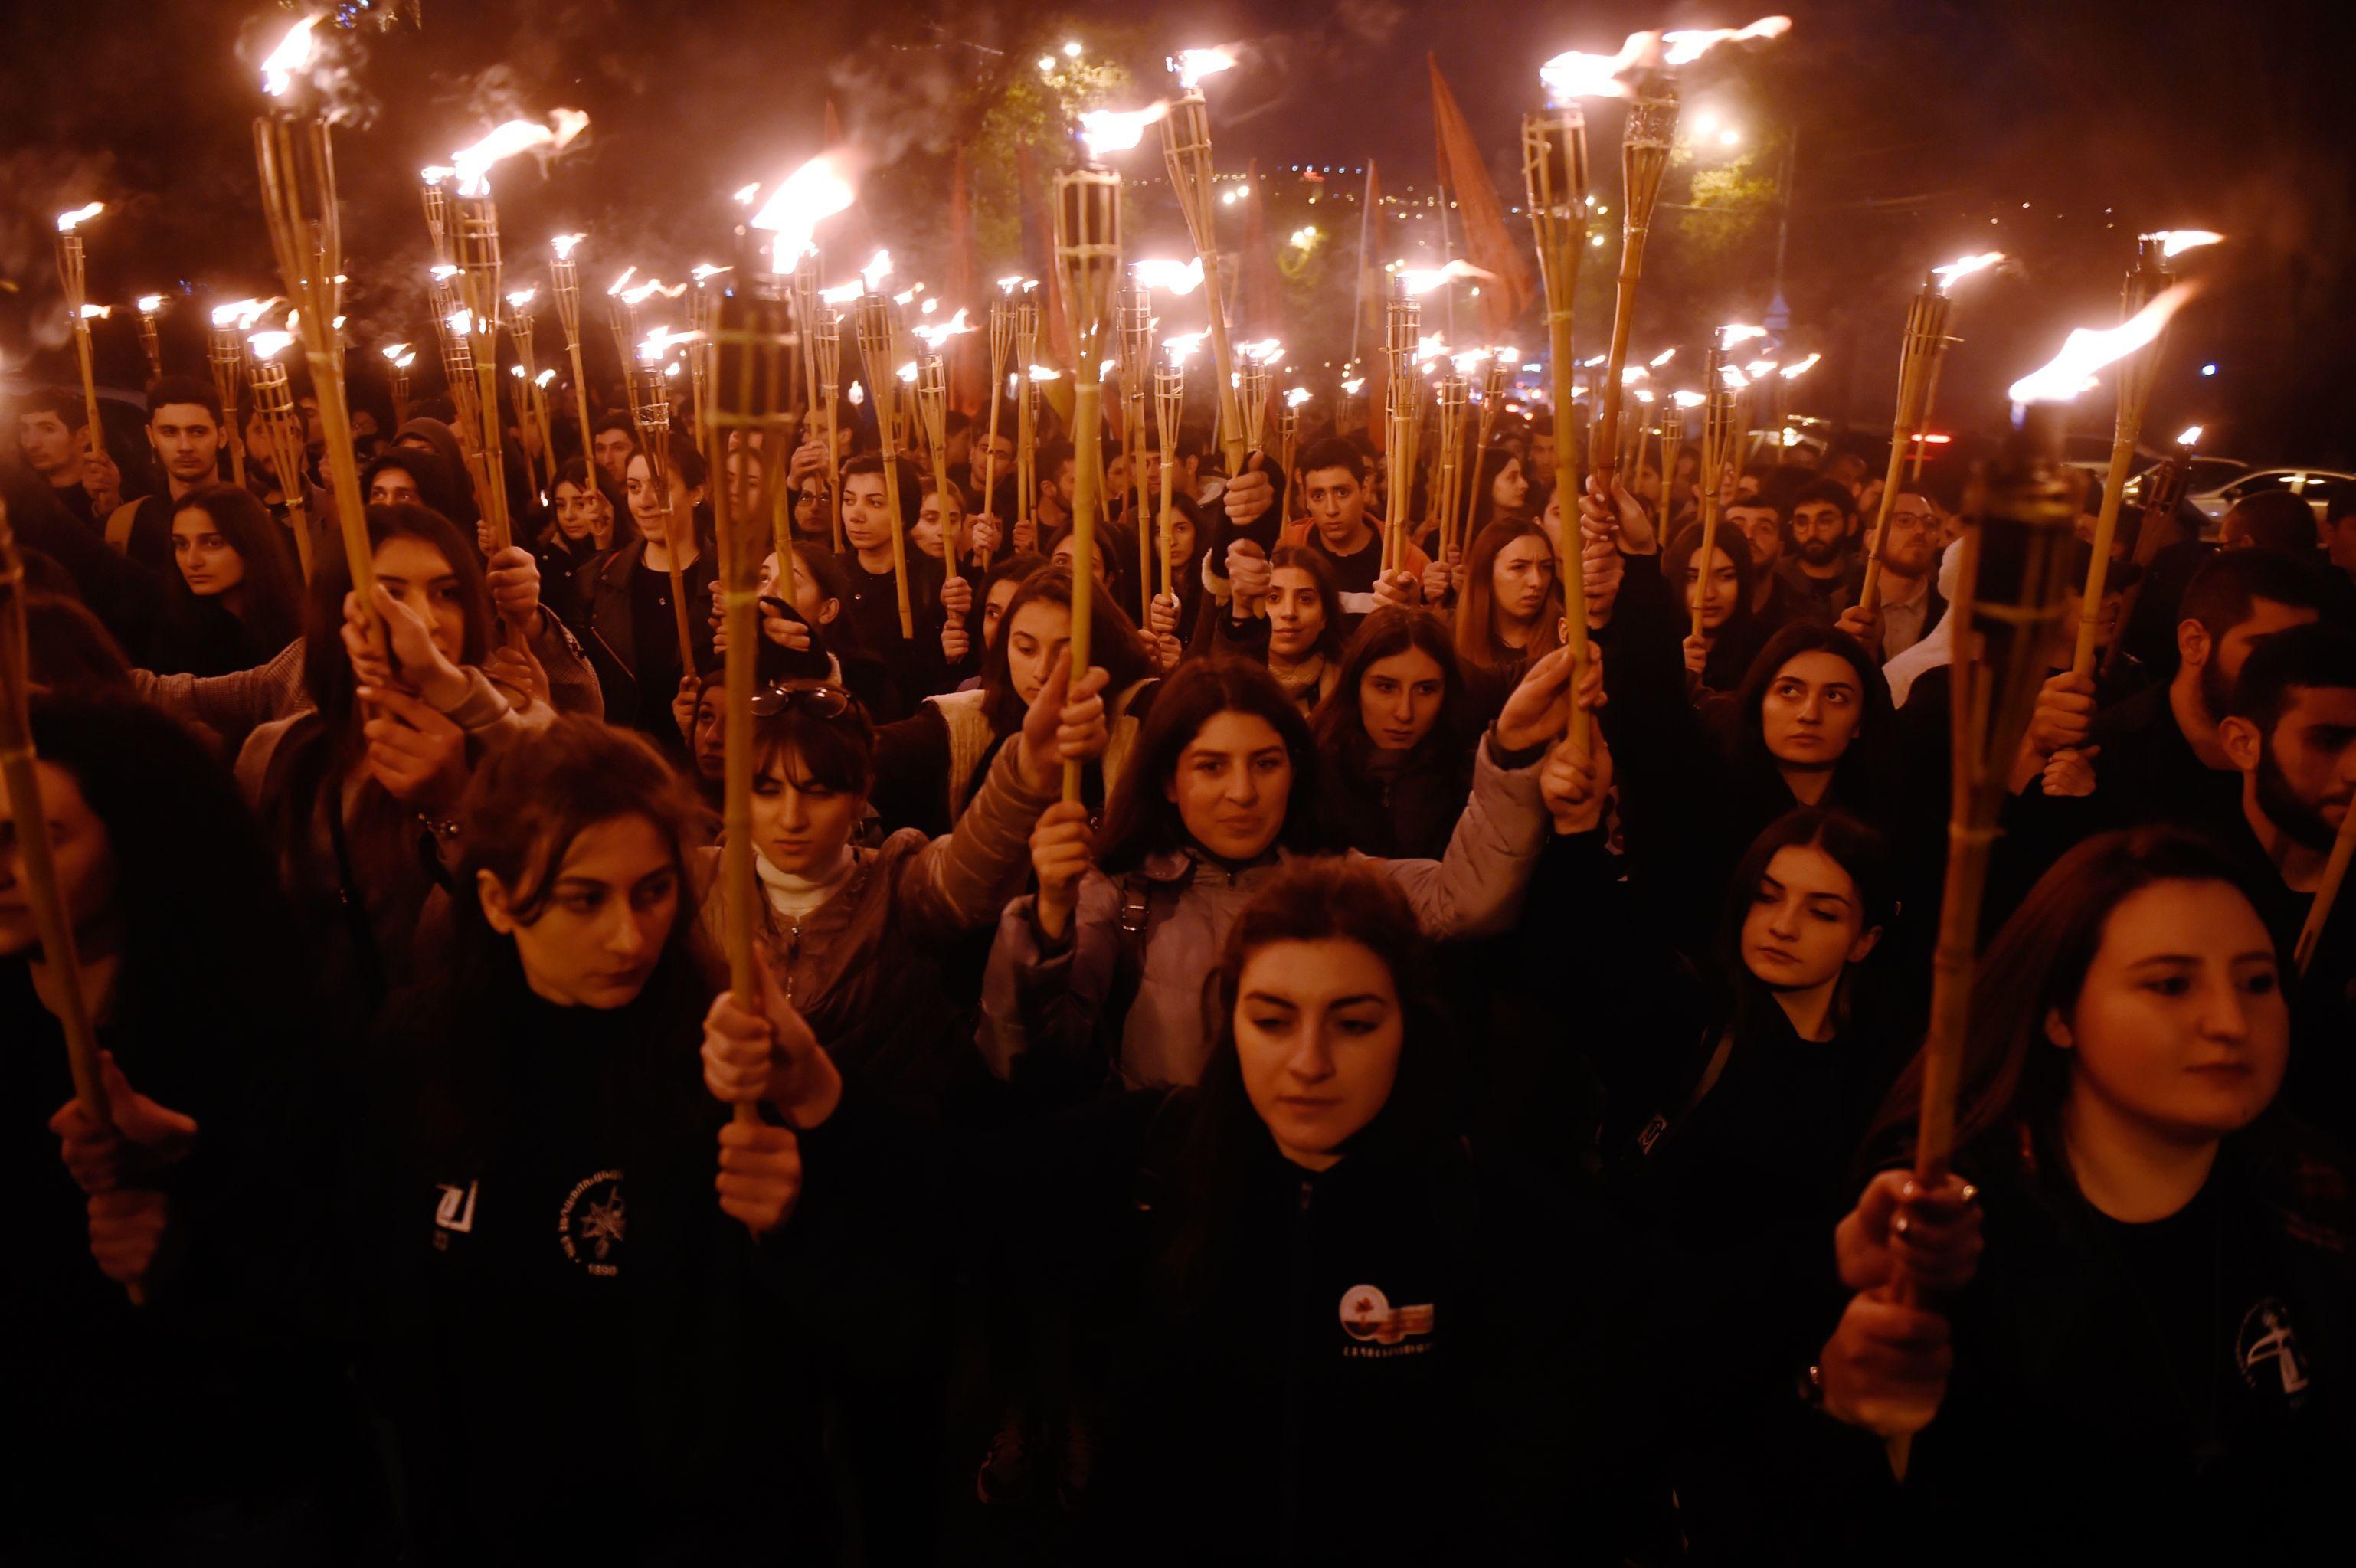 Participantes da procissão de velas em Erevan rumam ao memorial de Tsitsernakaberd, que recorda o genocídio do povo armênio de 1915